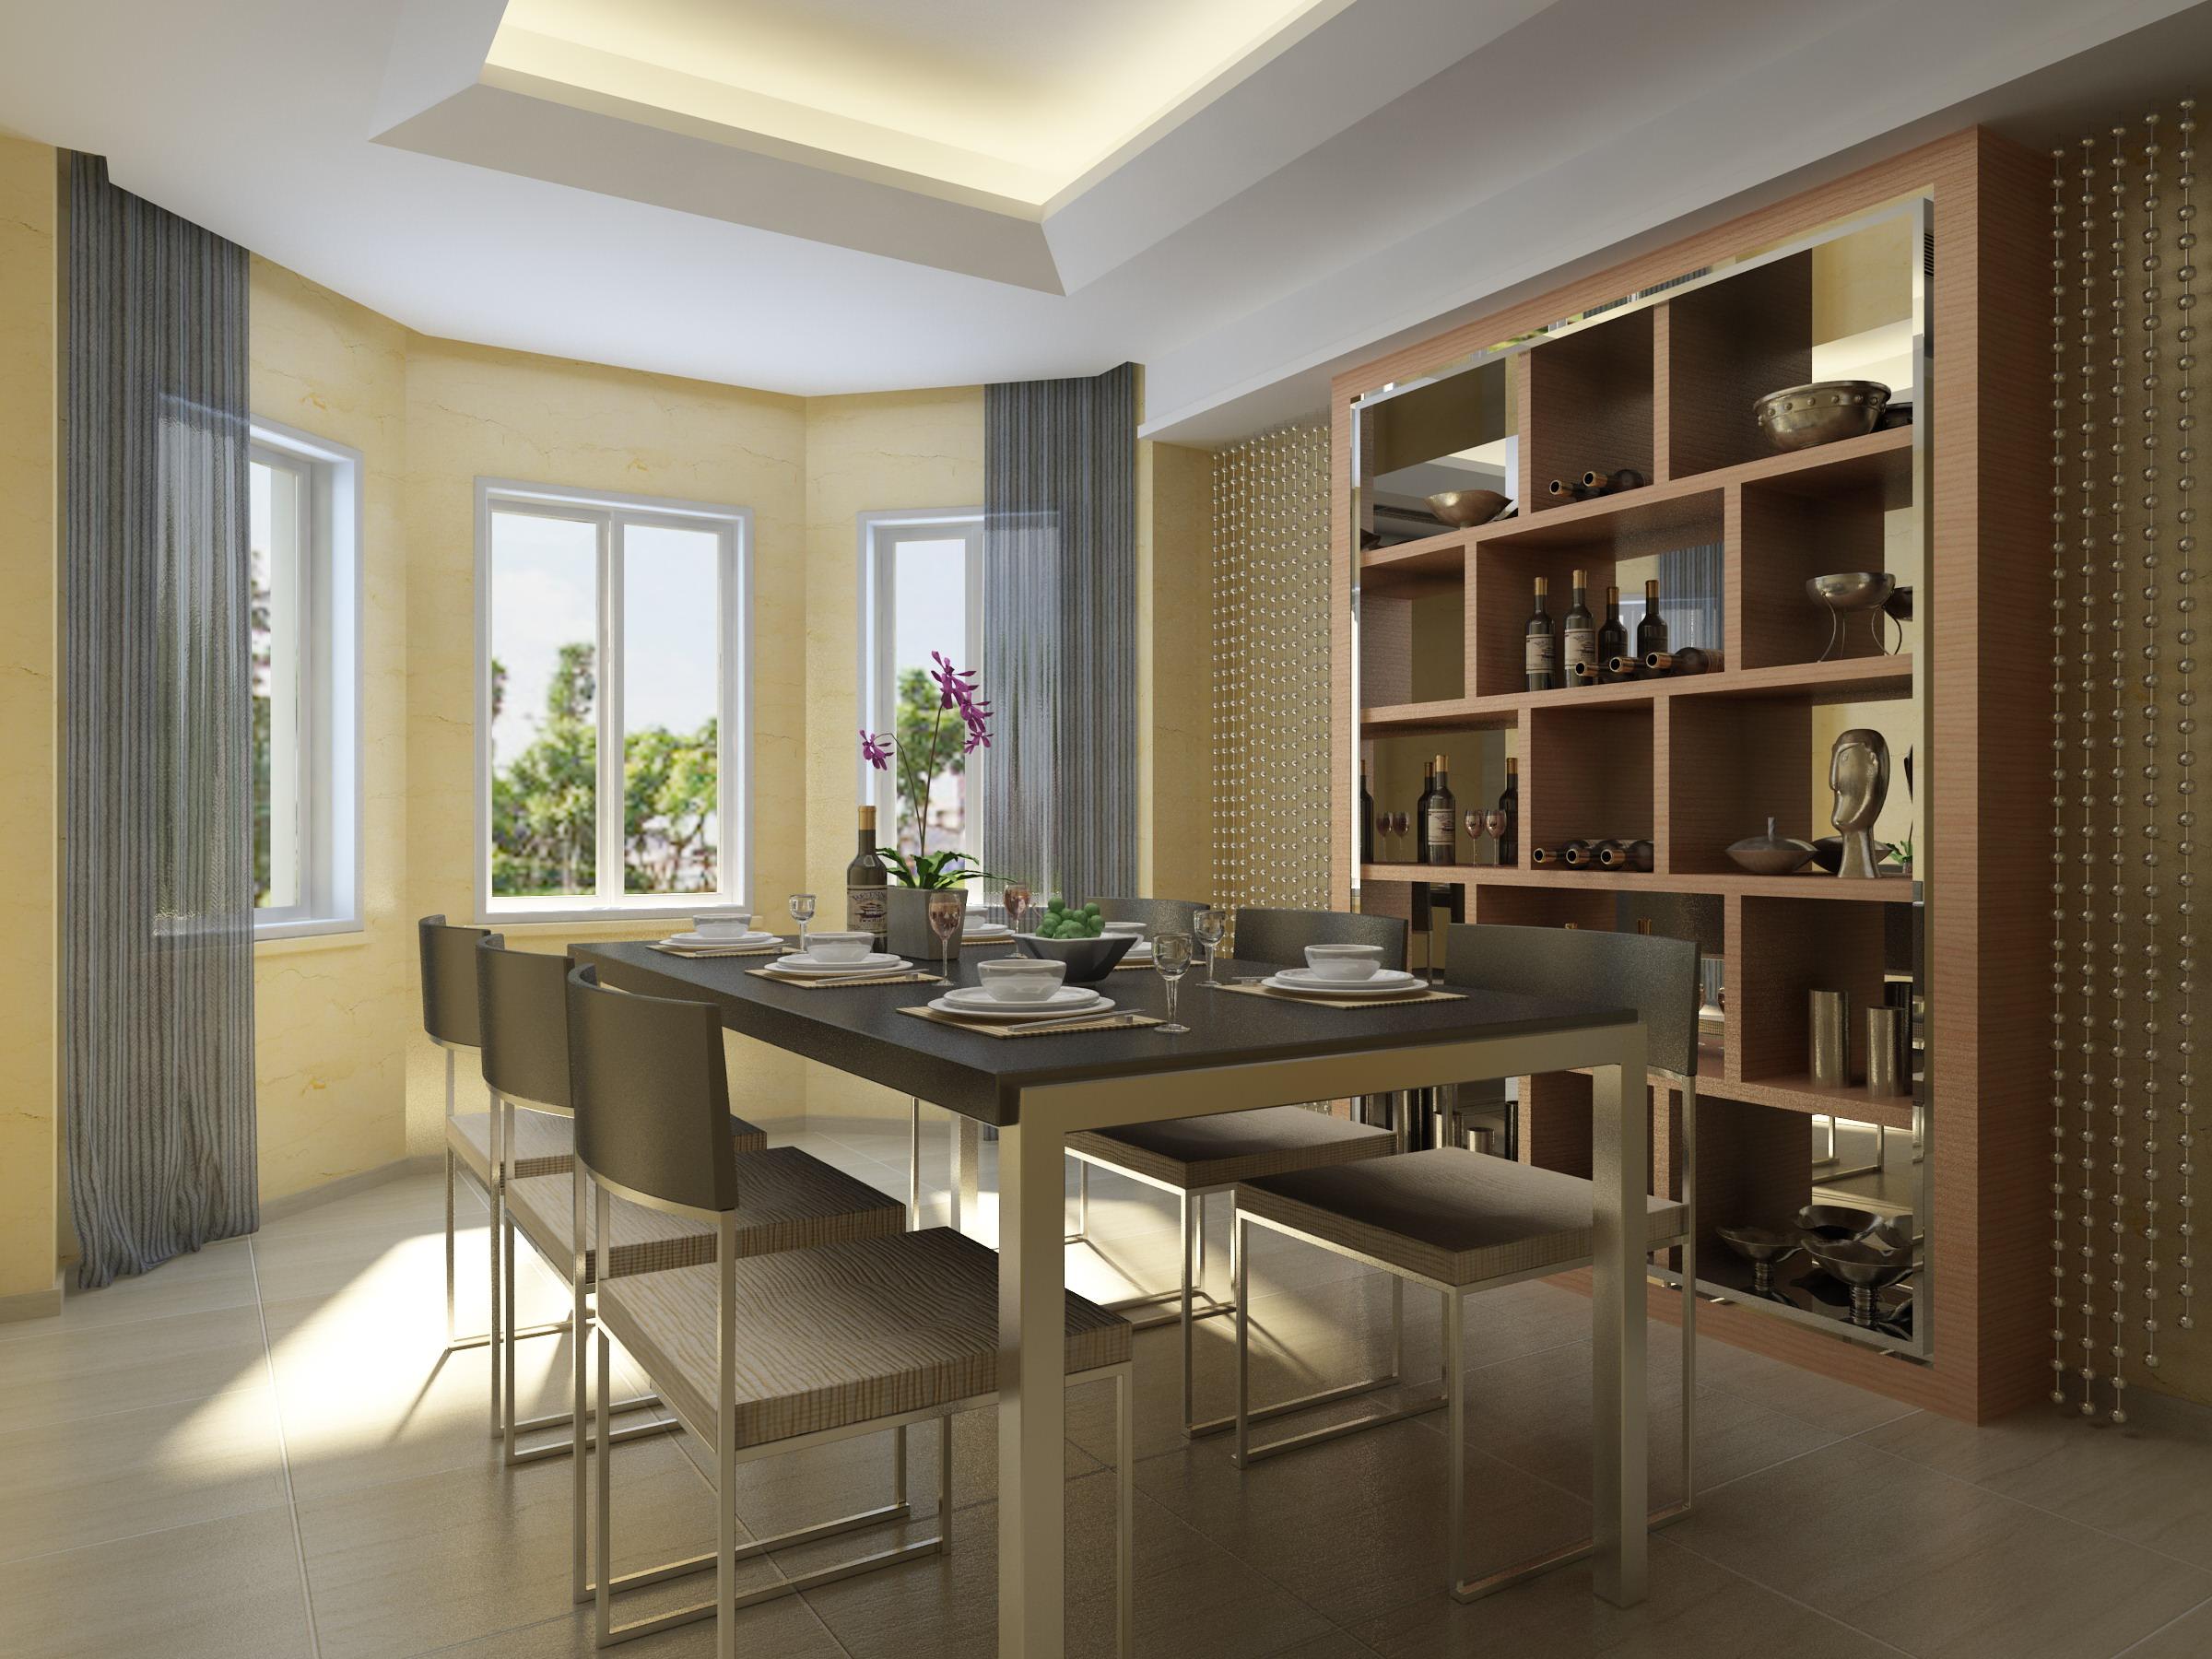 Image result for dining room models